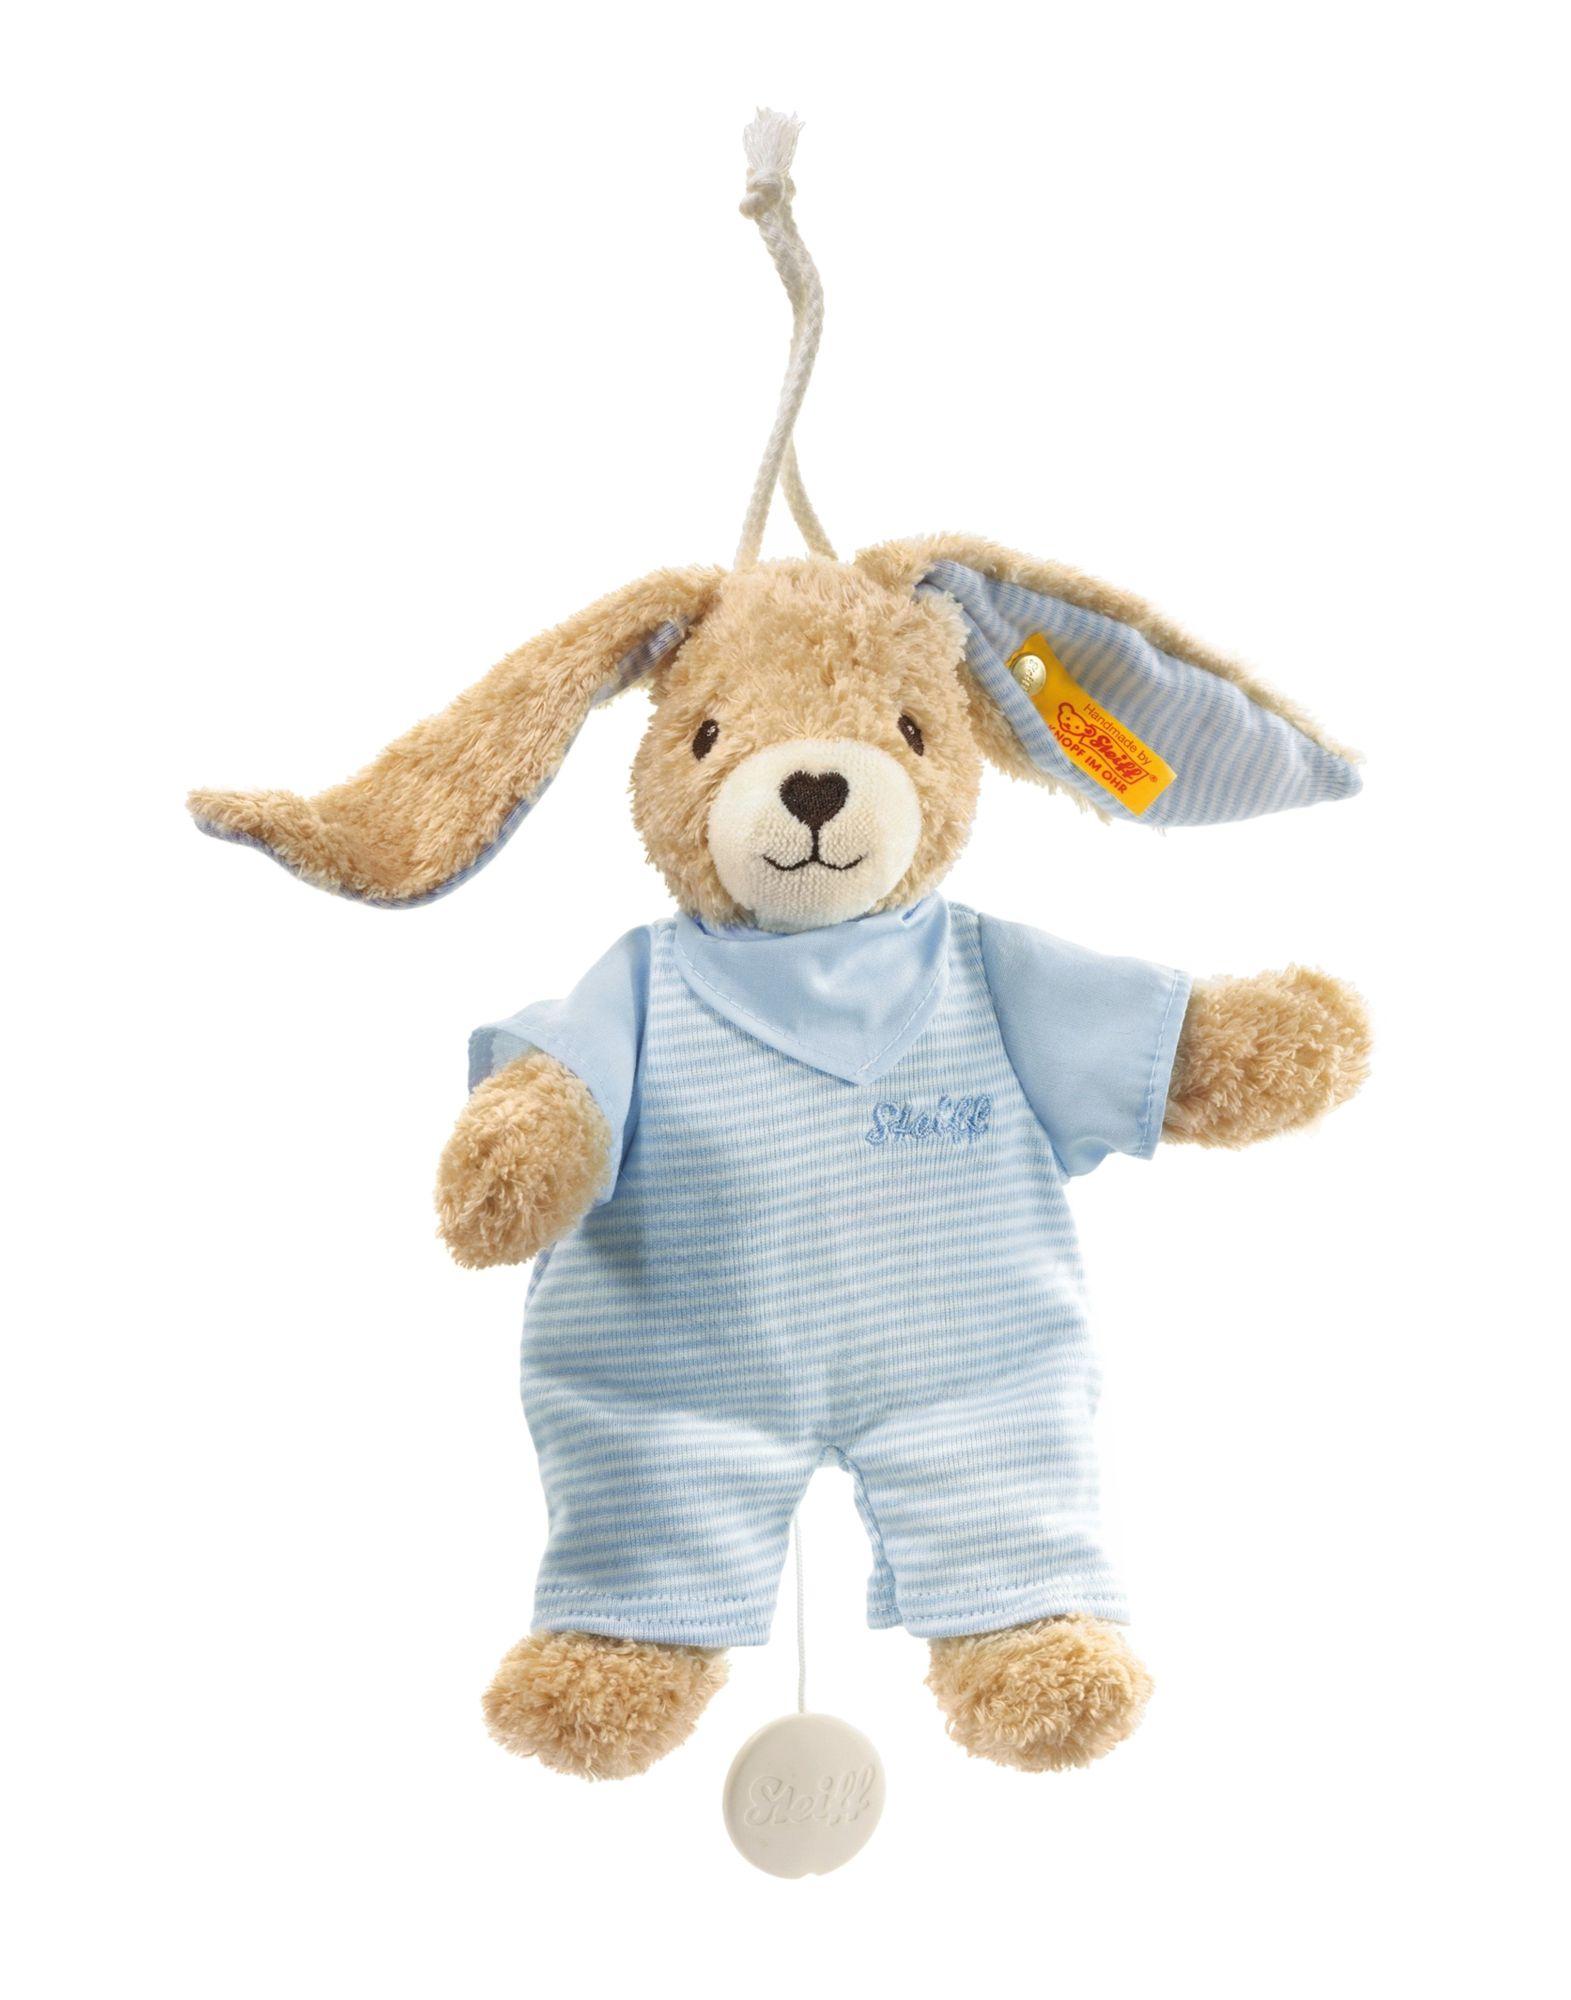 STEIFF Музыкальная мягкая игрушка мягкая игрушка steiff paddington bear